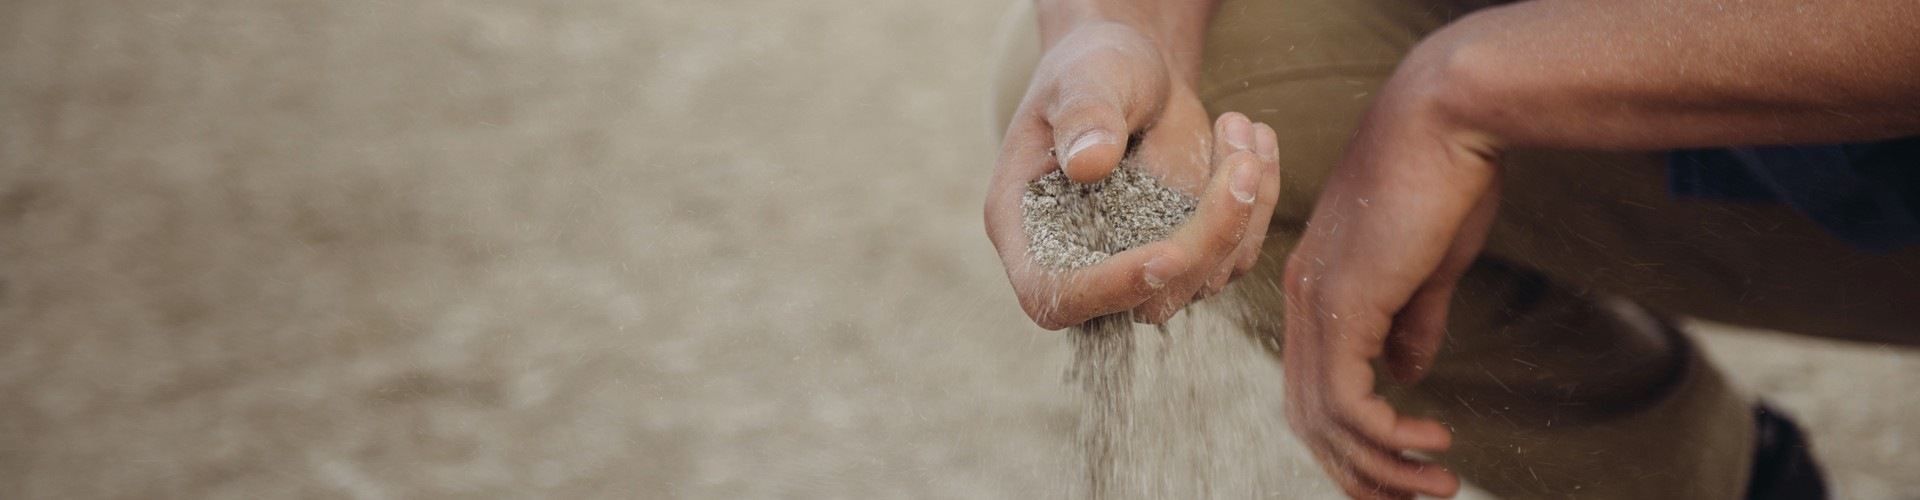 Nachhaltigkeit Erde Boden Forrest Cavale